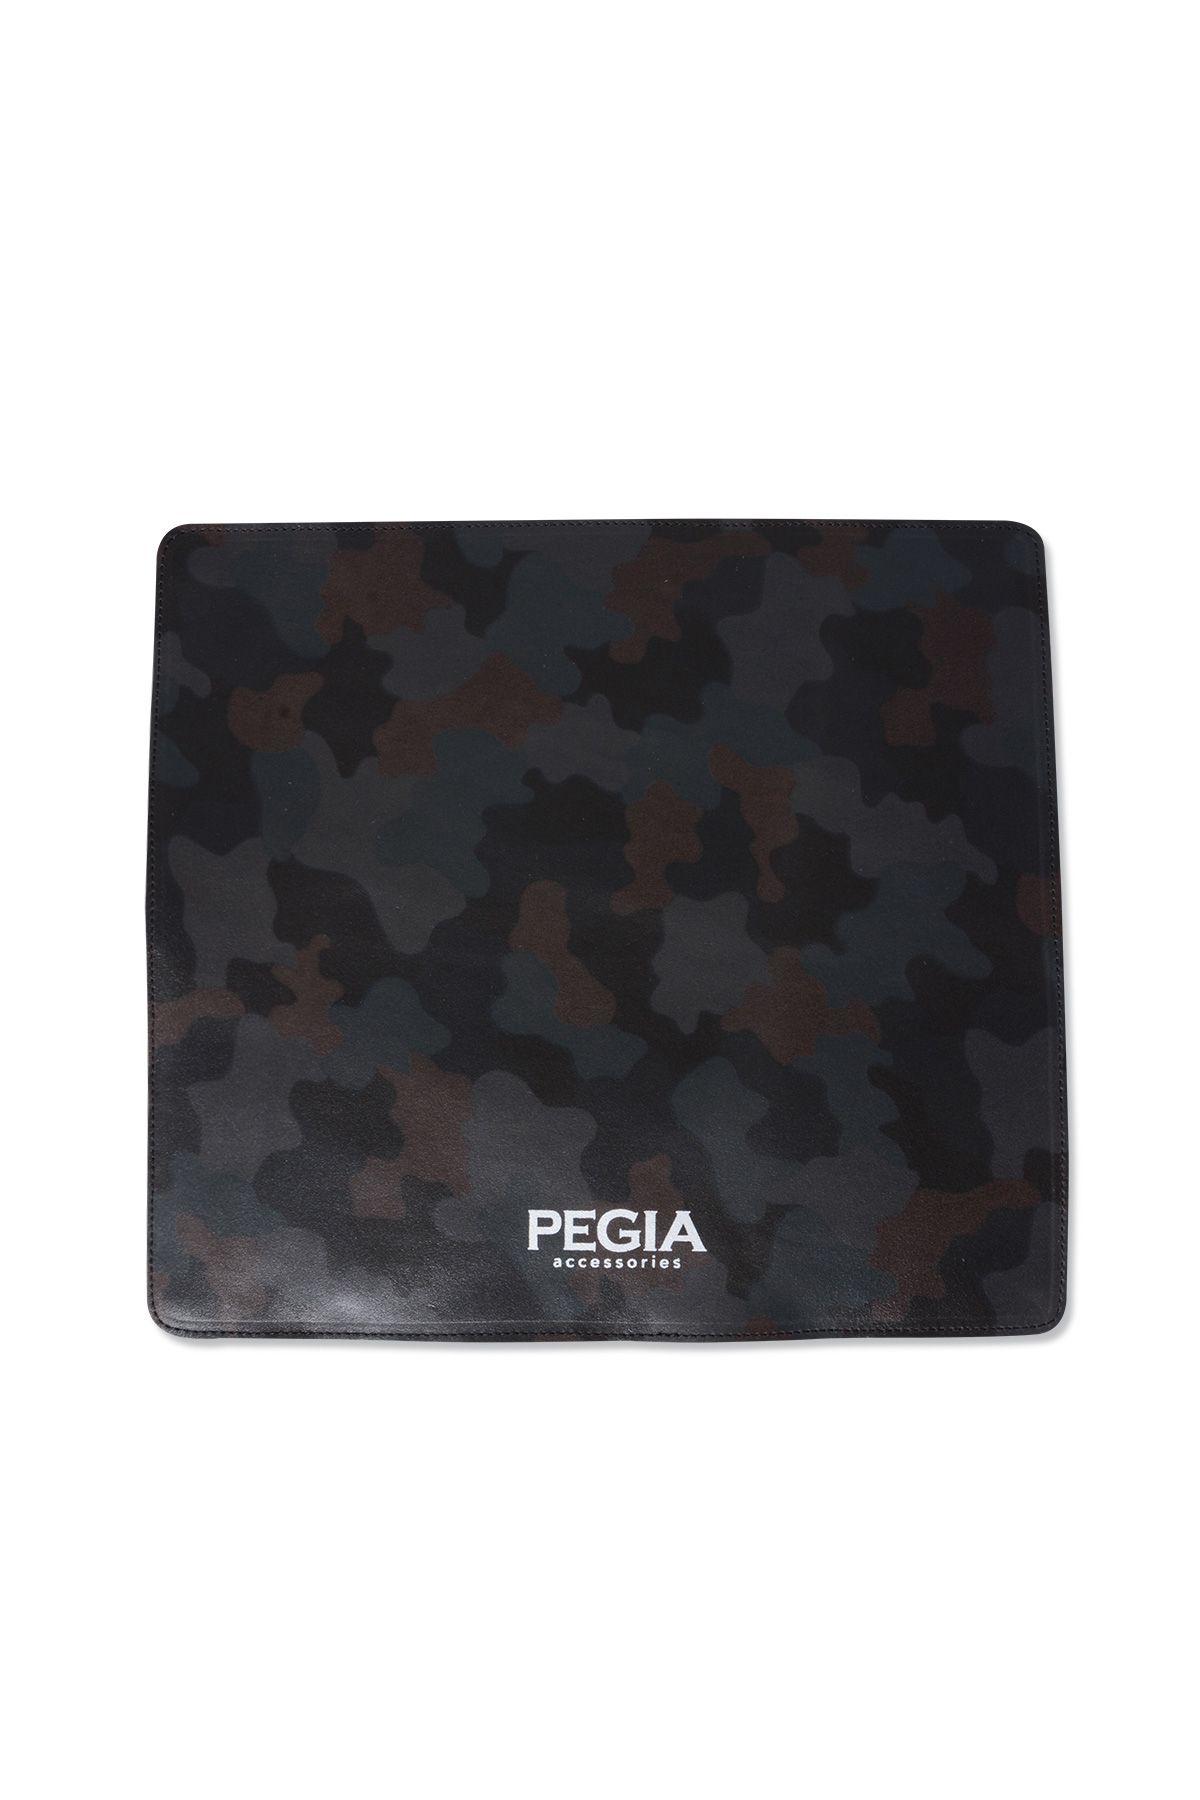 Pegia Hakiki Deri Kamuflaj Baskılı Mouse Pad MP101 Koyu Yeşil